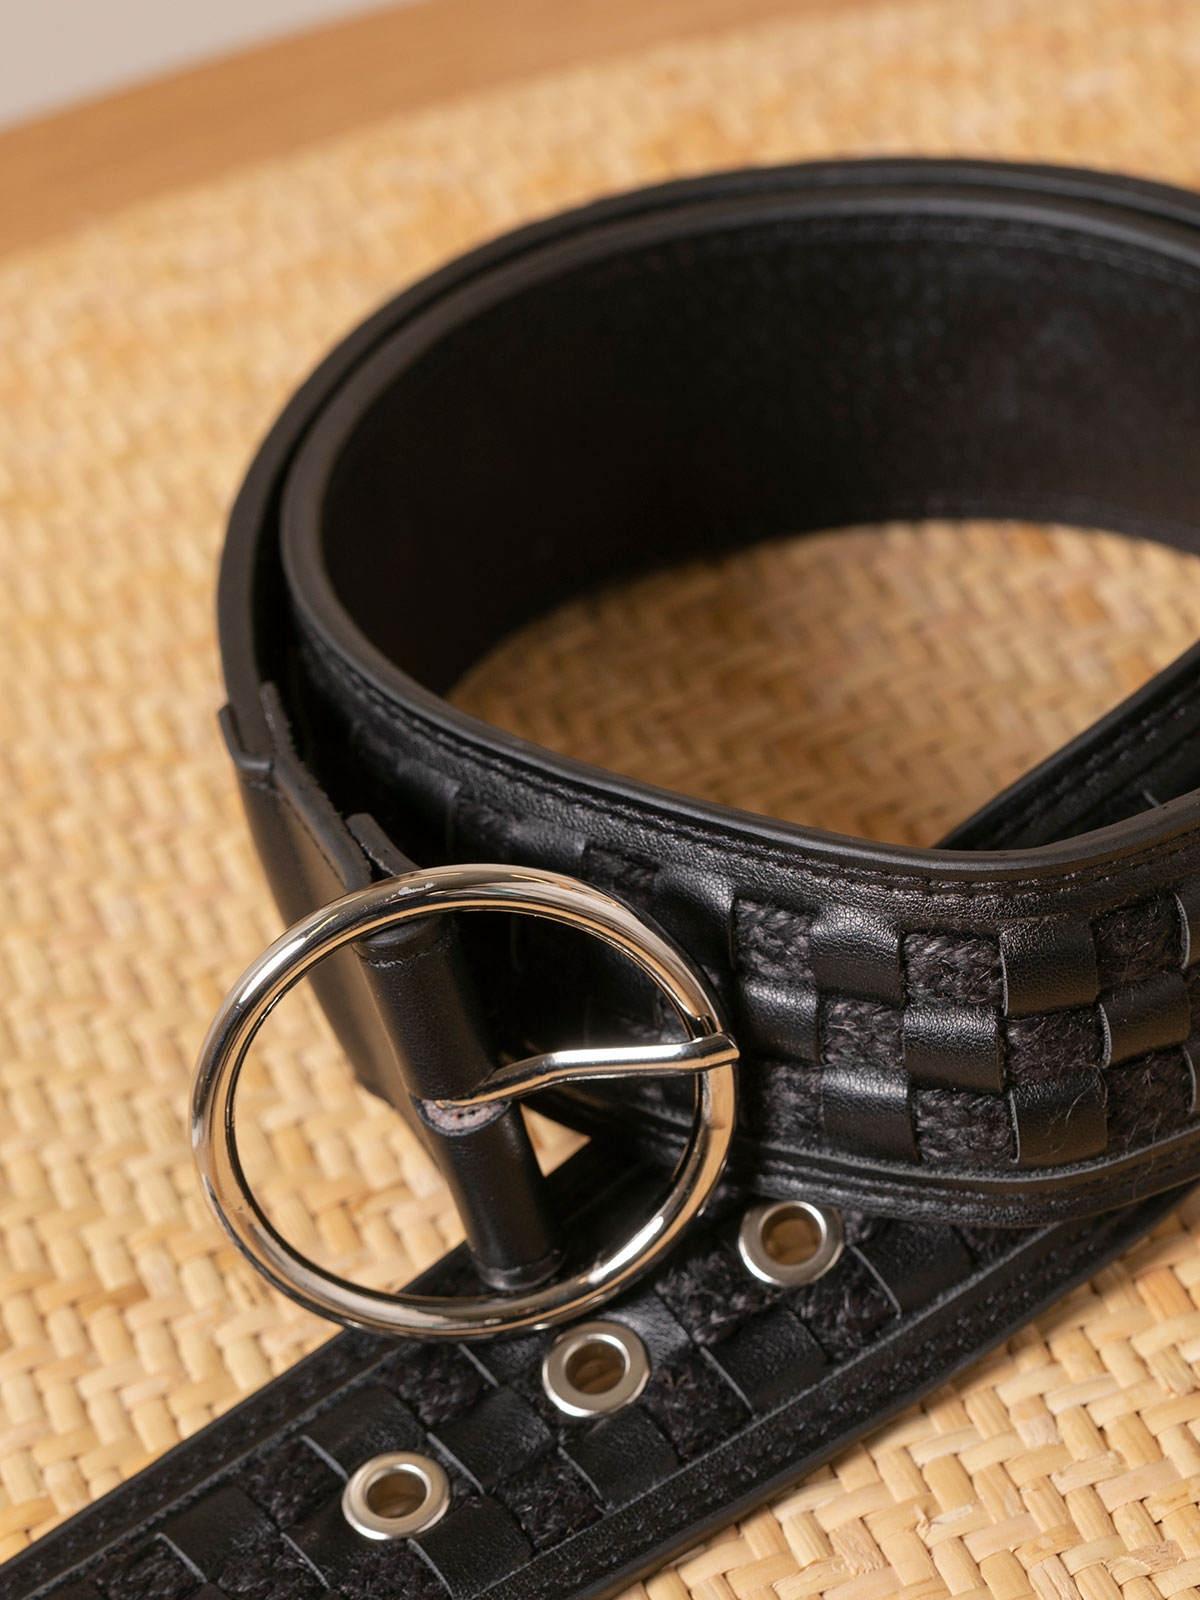 Cinturón mujer hebilla metálica Negro